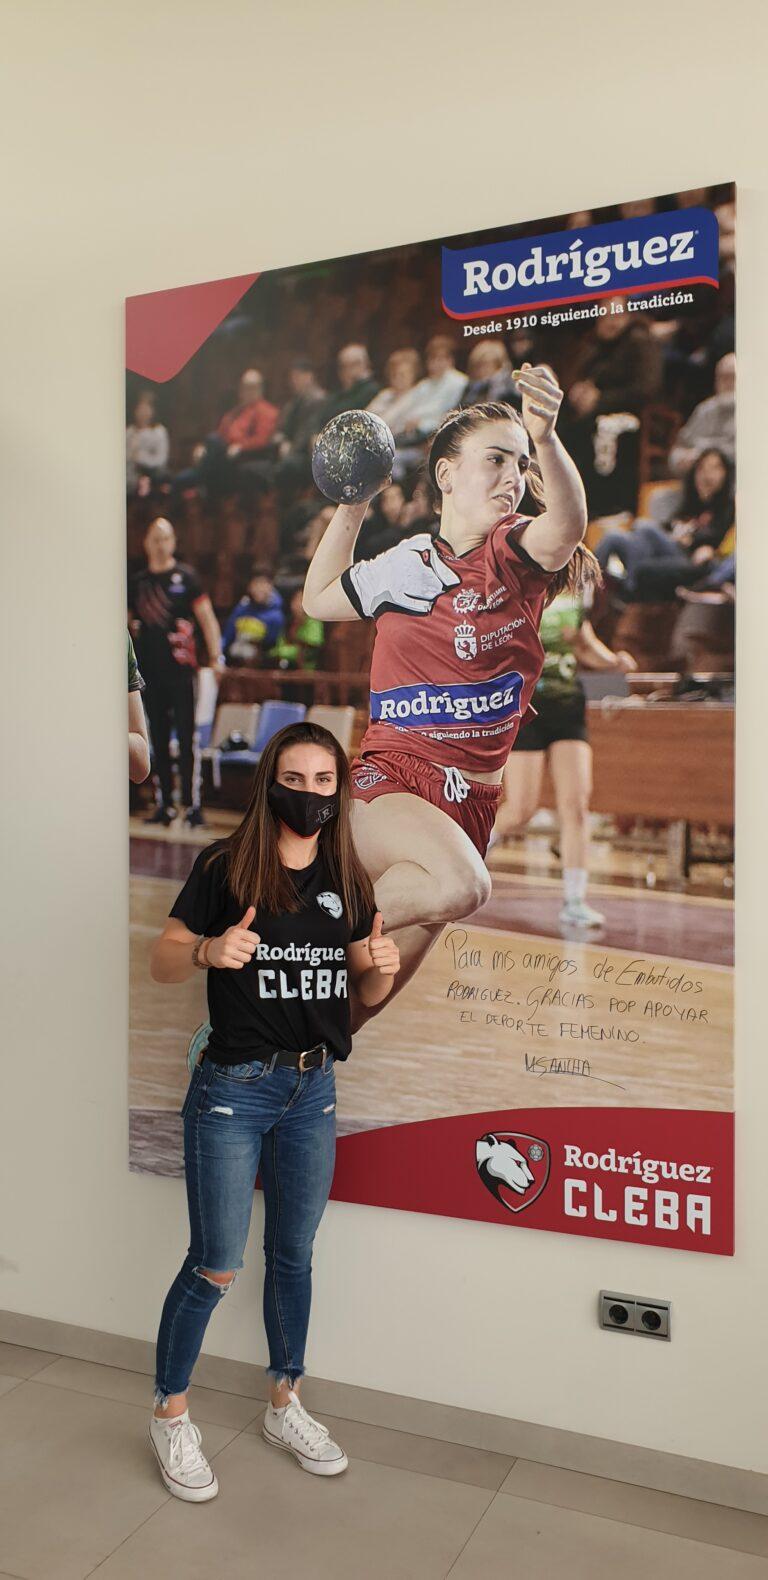 Rodríguez_cleba